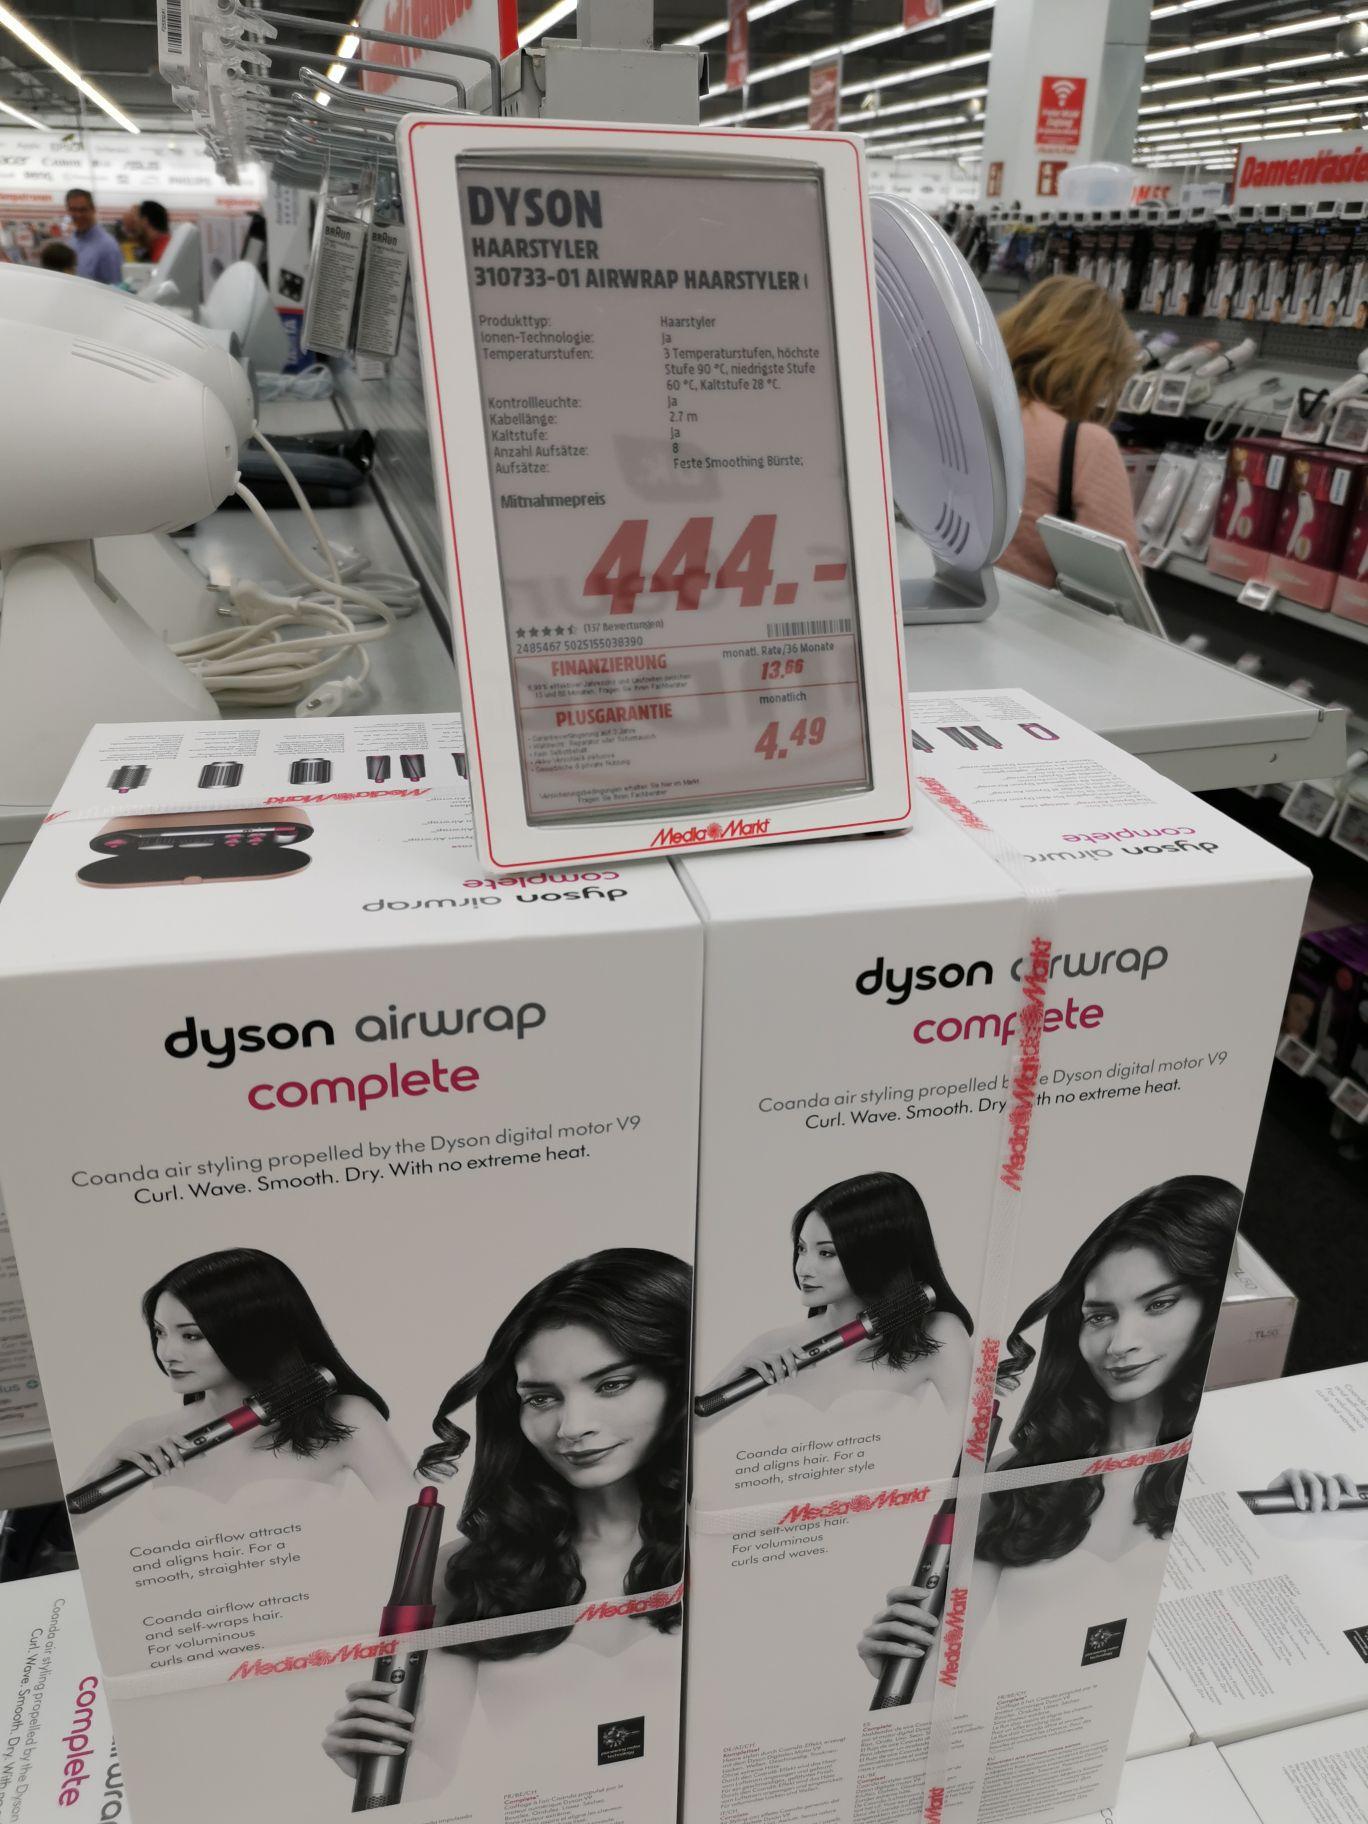 Dyson Airwrap (Mediamarkt Elmshorn)